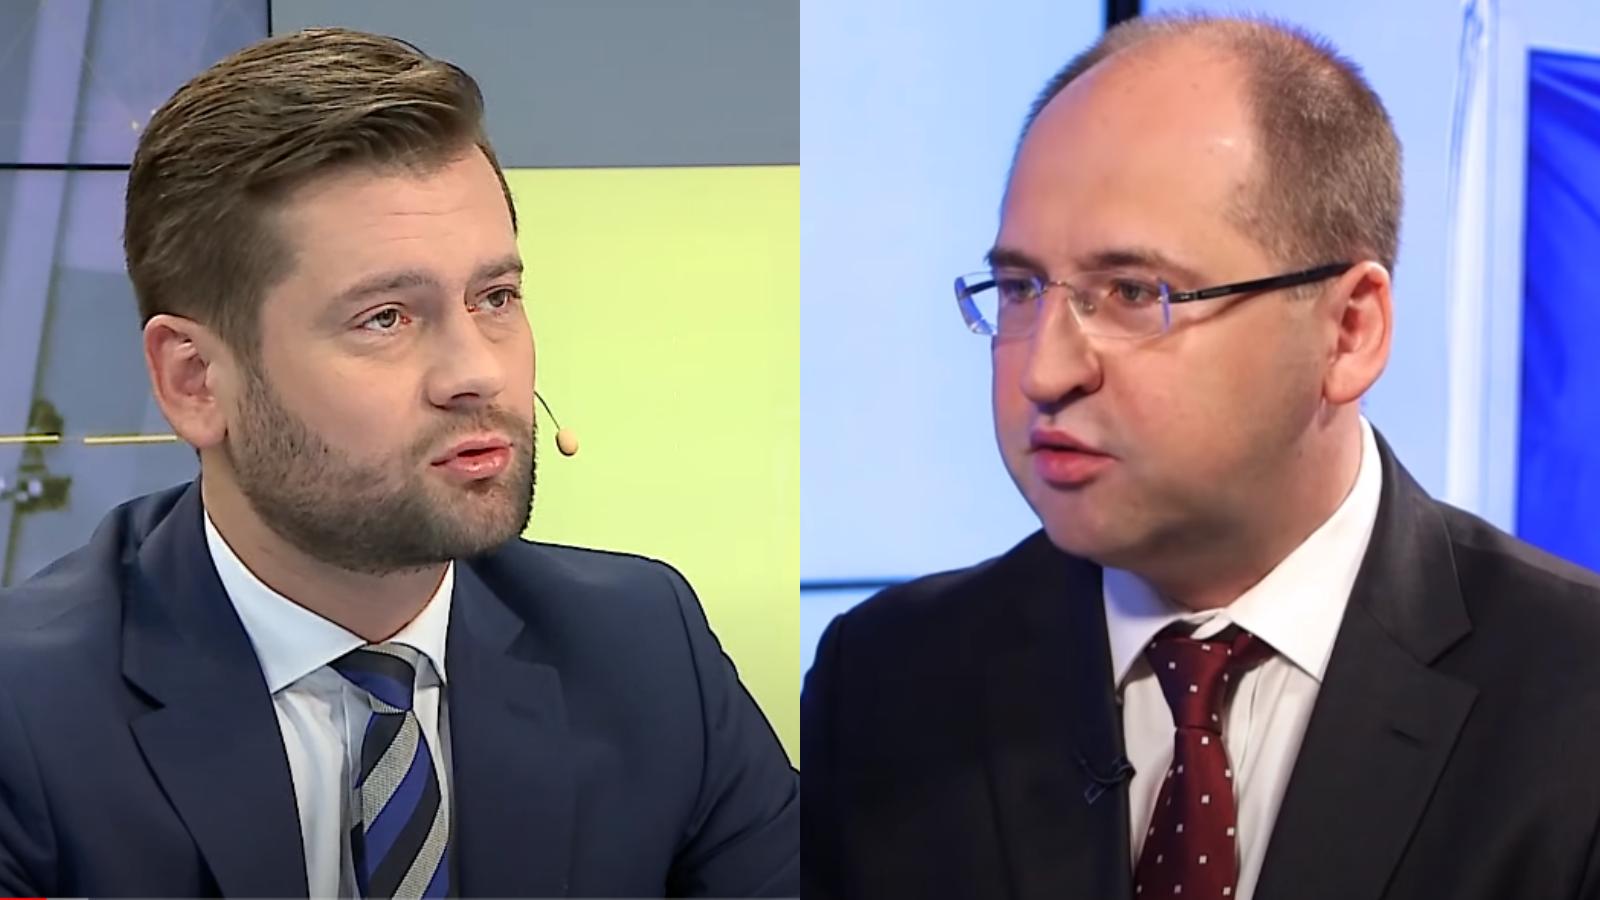 Nowy koalicjant PiS. Bortniczuk iBielan zakładają partię